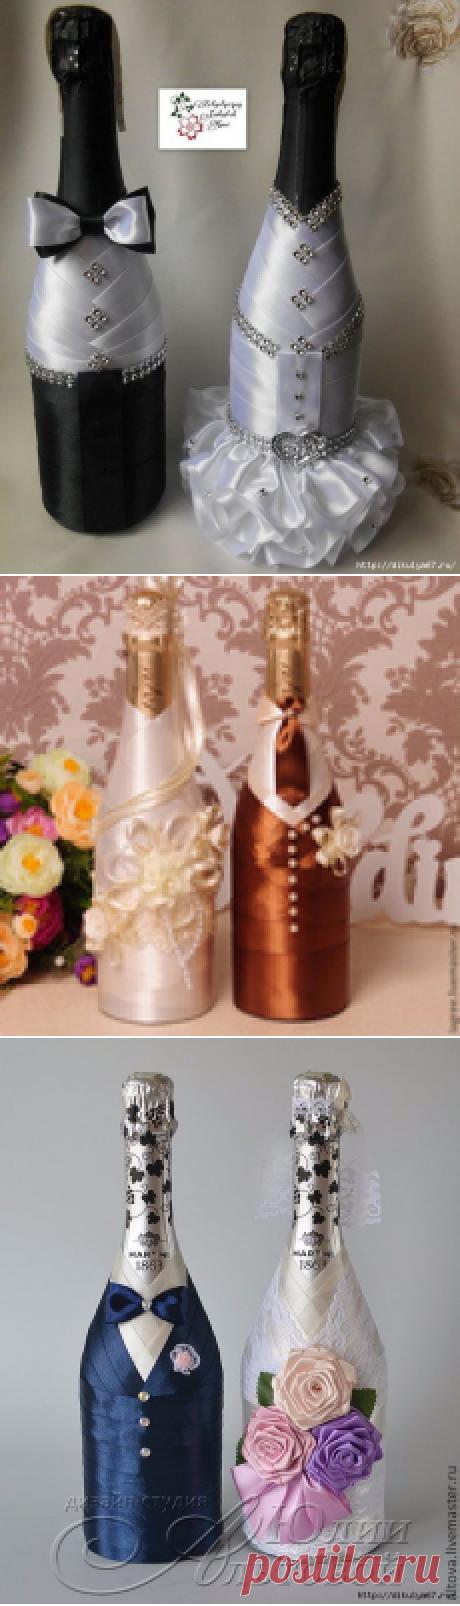 La decoración de boda de las botellas y las copas